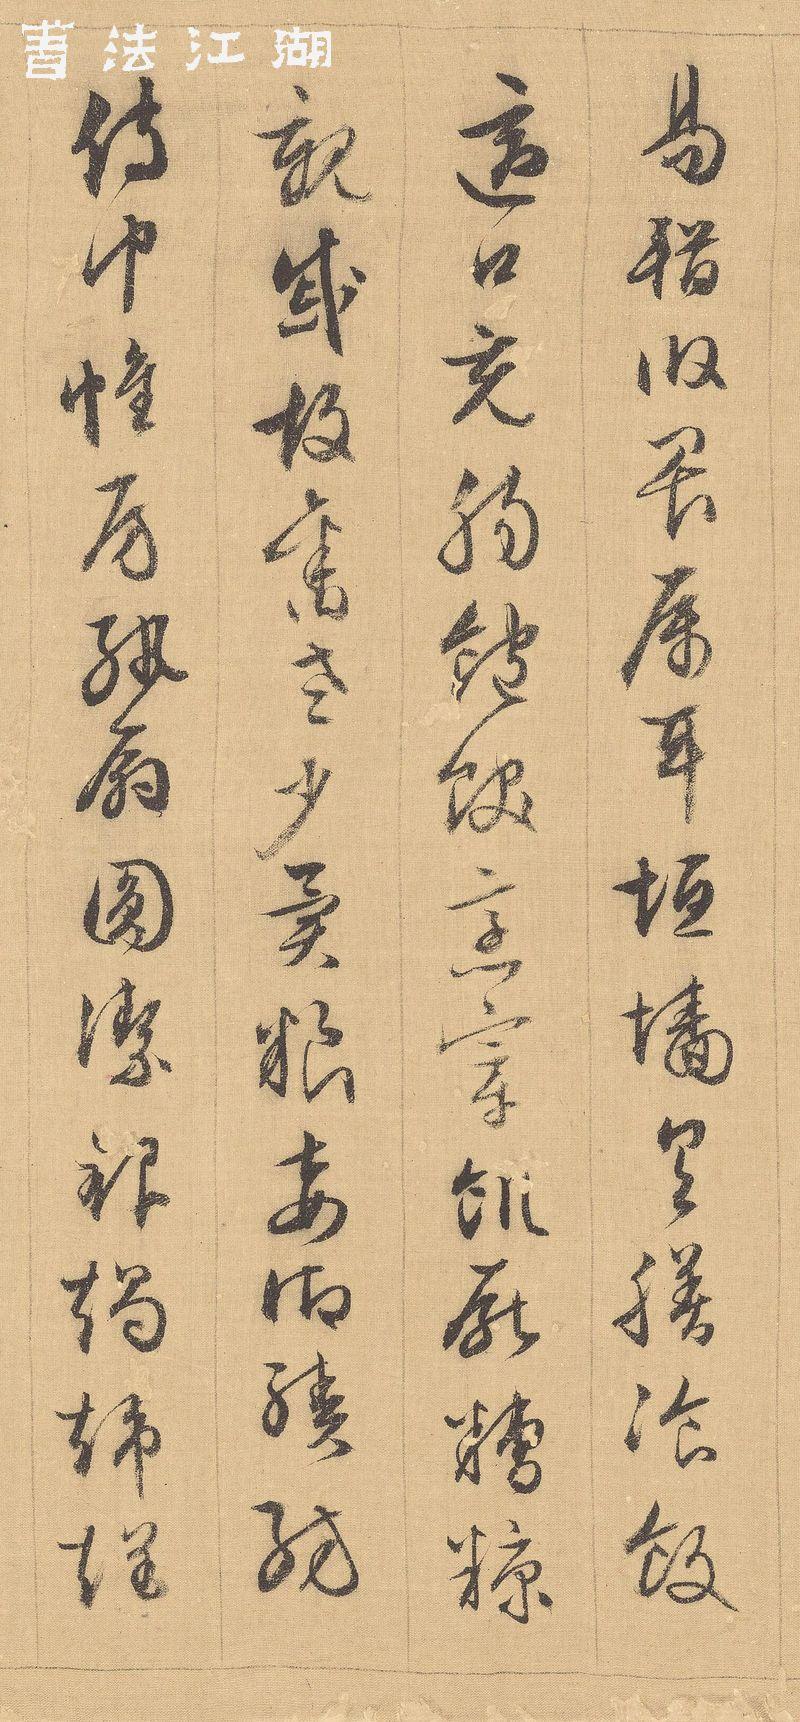 文徵明-行书千字文-17.jpg